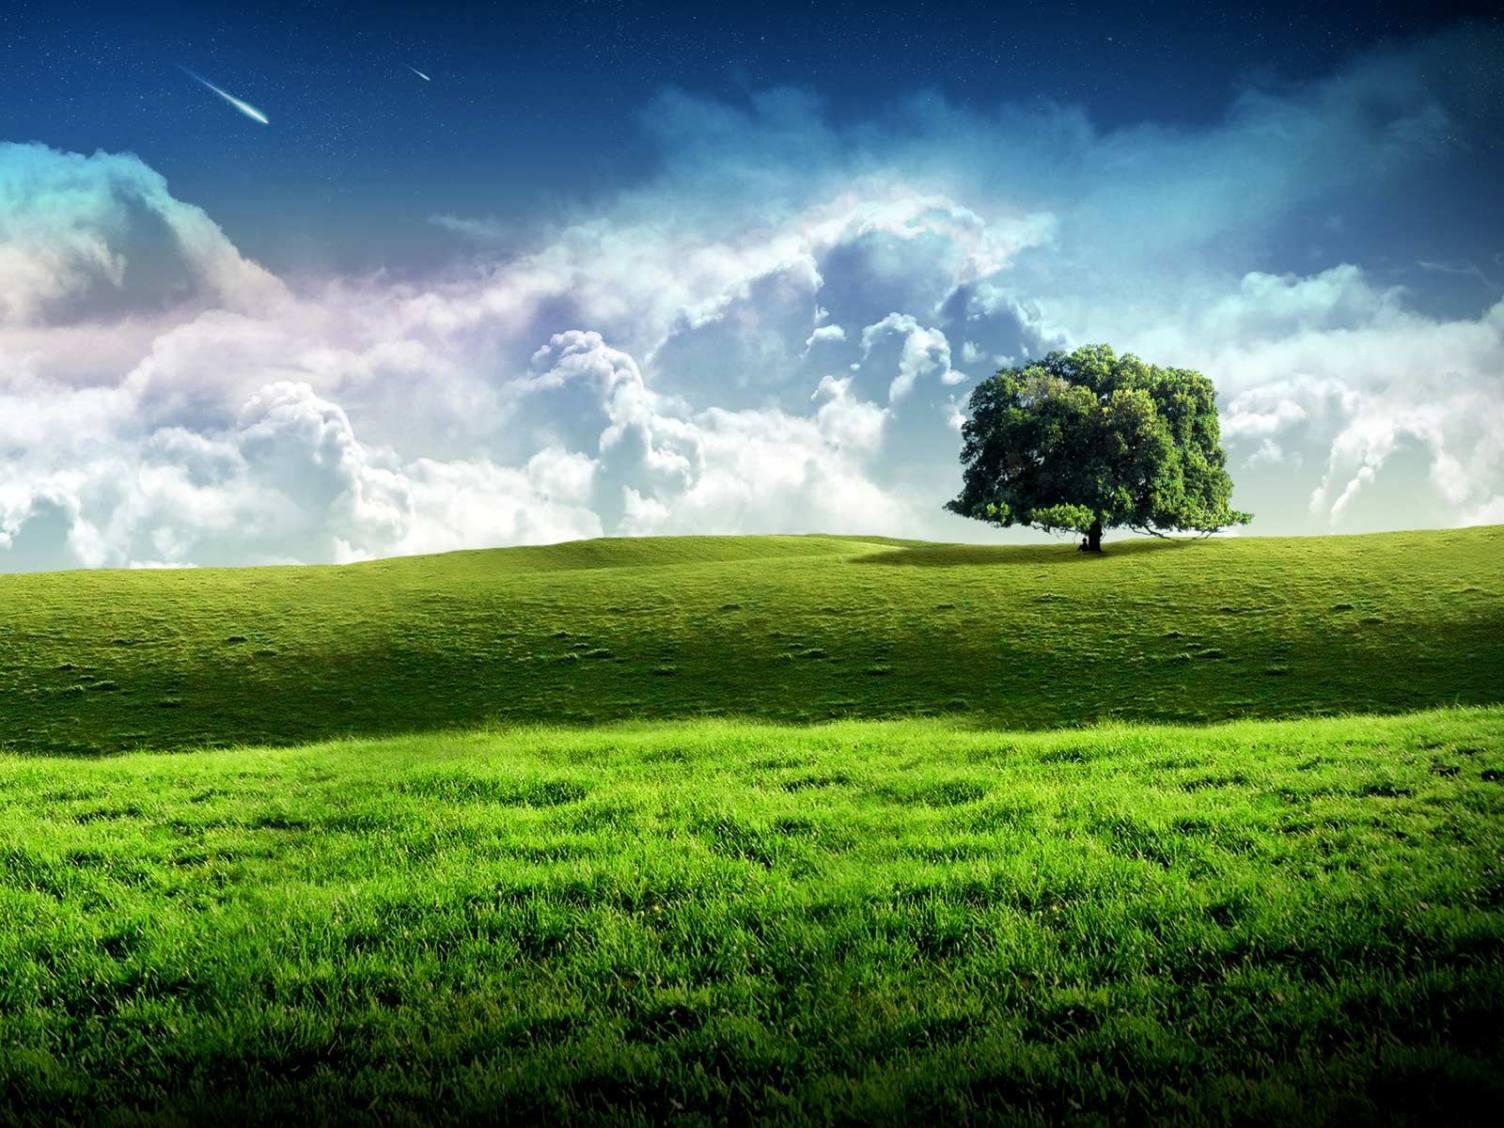 http://4.bp.blogspot.com/-JycingN44Ls/TuoyRmbmzEI/AAAAAAAAAW8/IMoUXvxEjQ4/s1600/Nature+Wallpapers+wallpaper+HD+%252851%2529.jpg